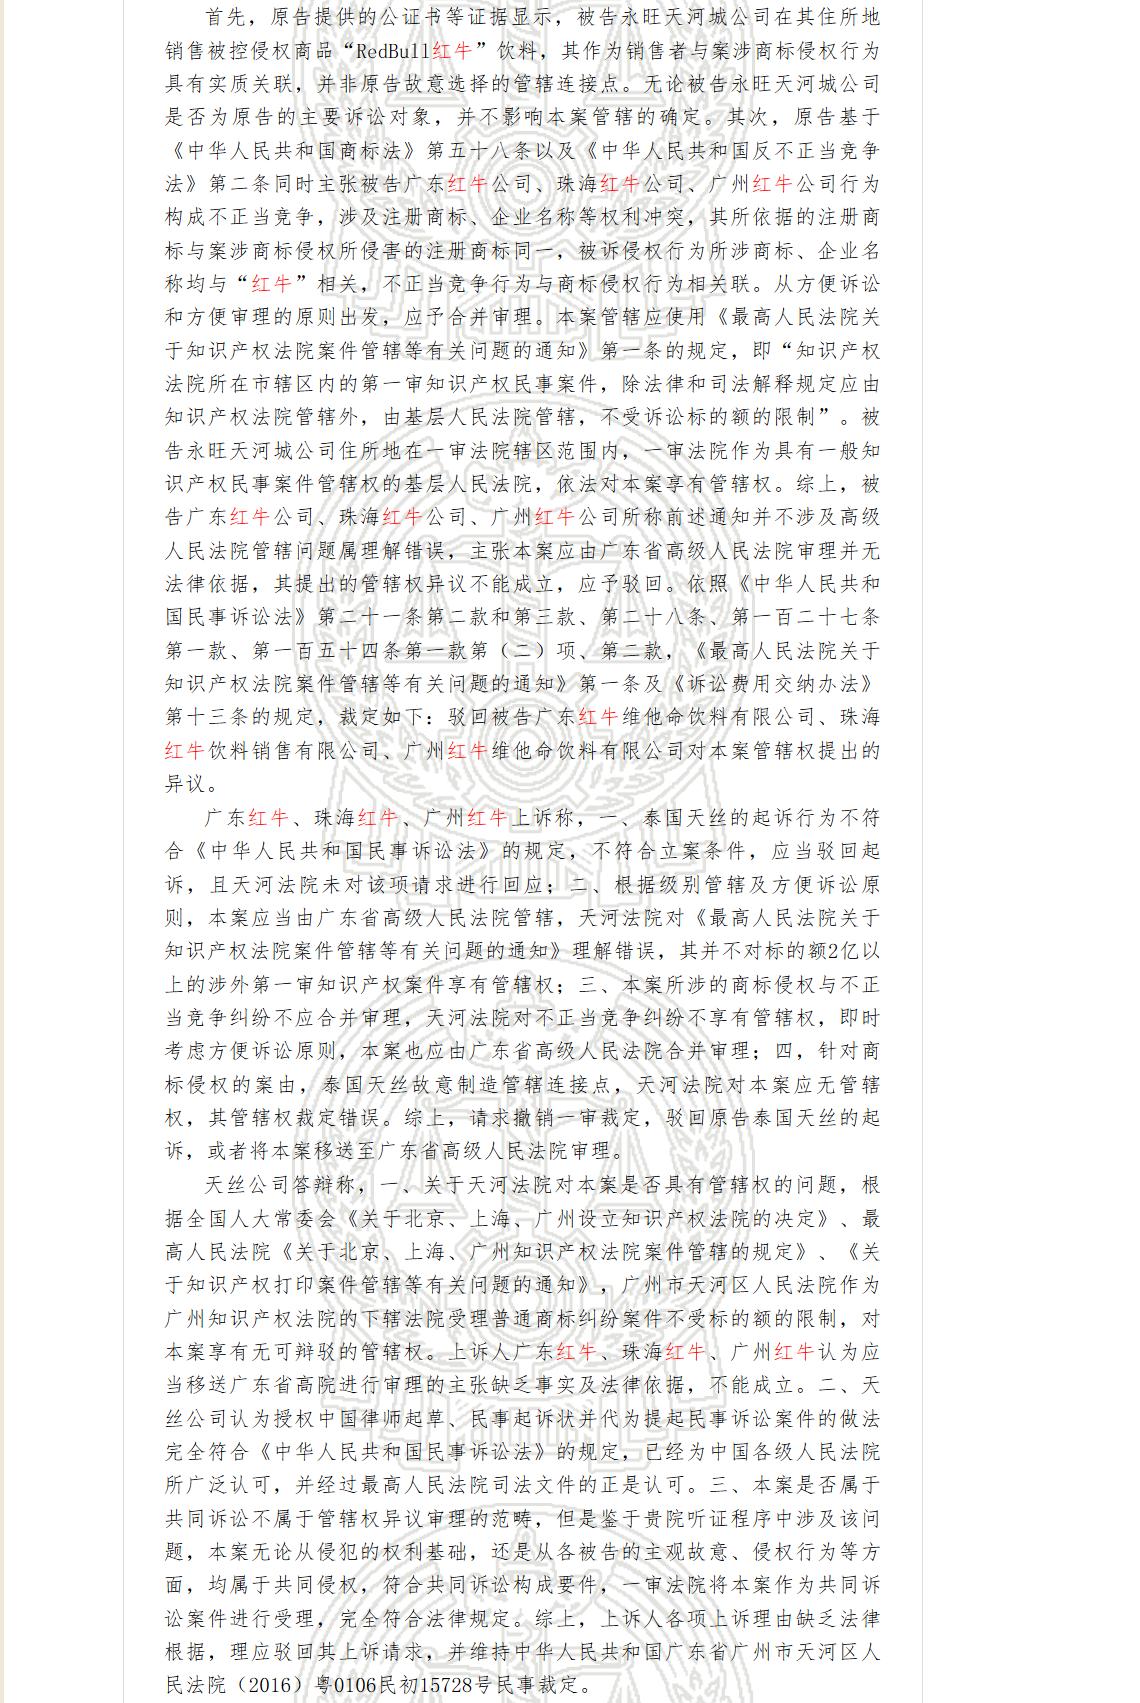 中国红牛「商标权」的生死劫!